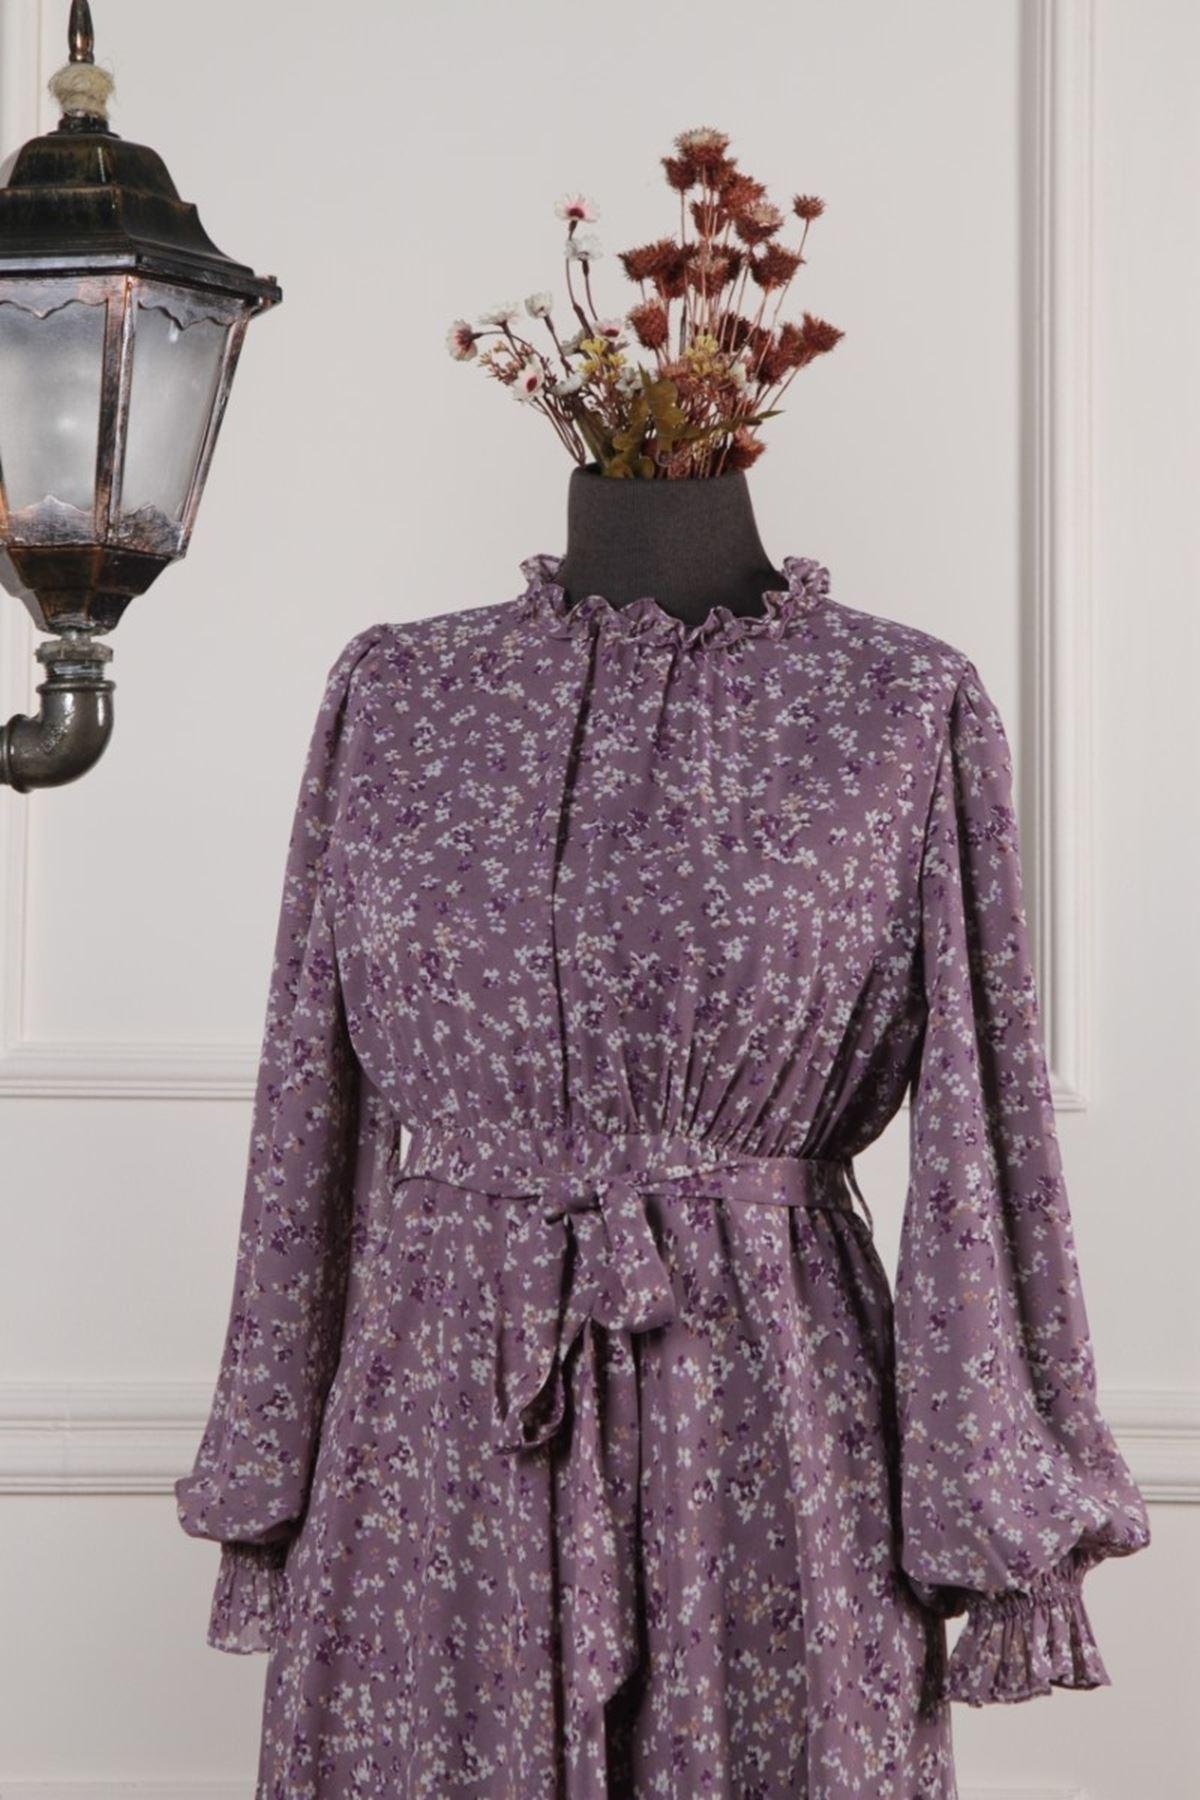 Kadın Kol Büzgülü Desenli Elbise - Lila